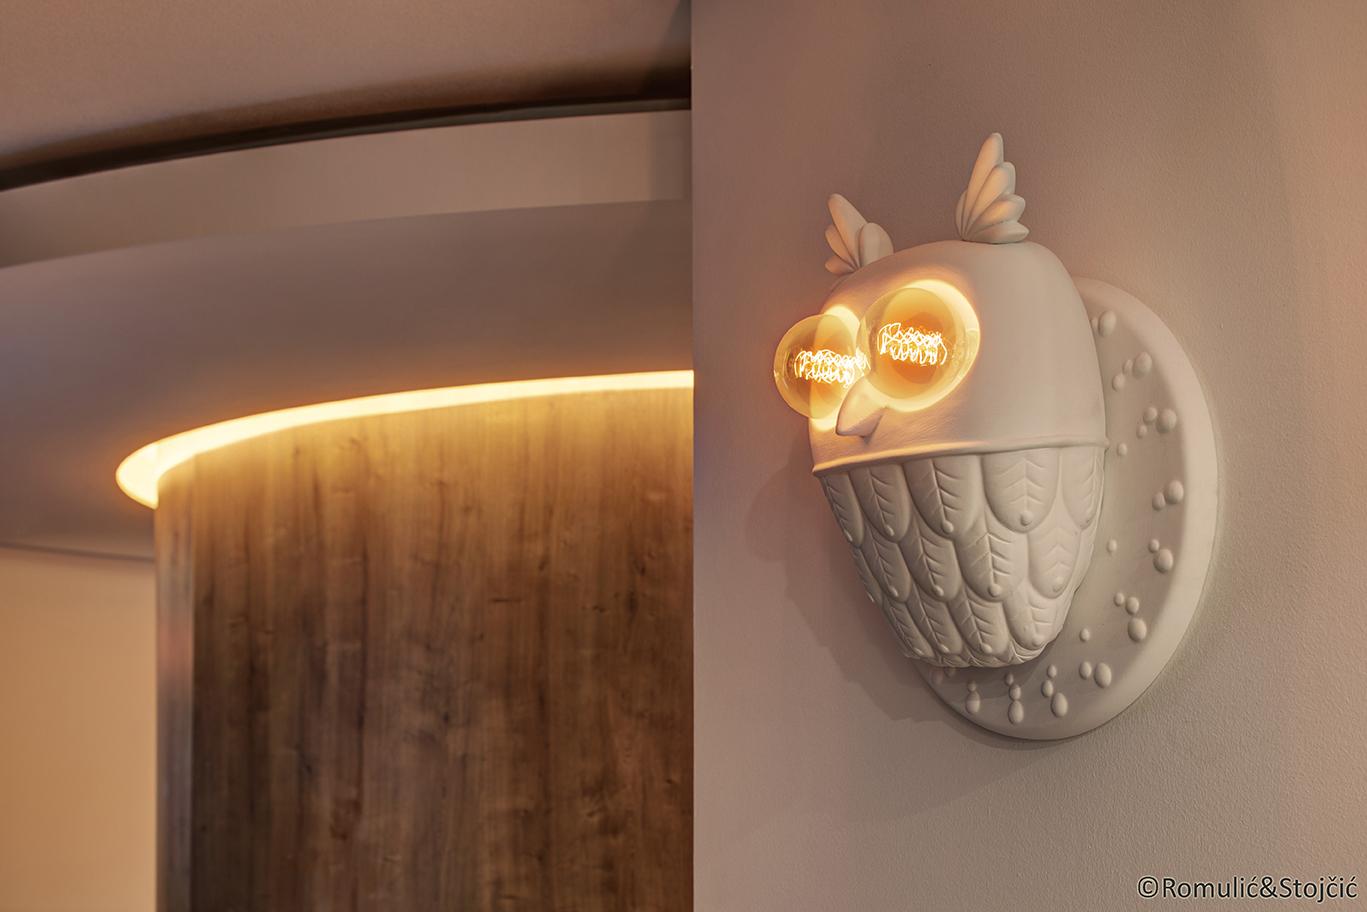 Al 50% in meno su applique moderne e lampade da parete dal design moderno. Le 10 Lampade Da Parete Di Design By Karman Guida Alla Scelta